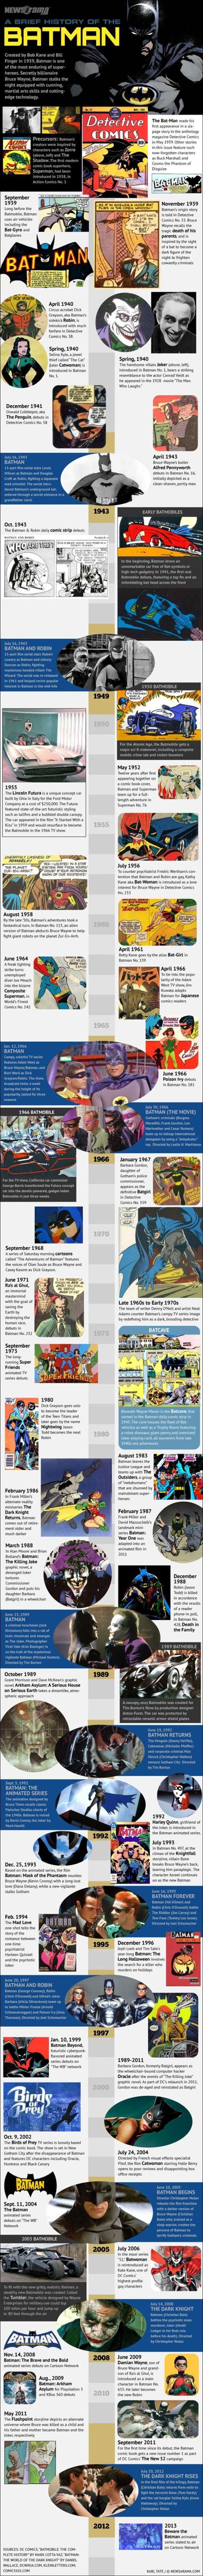 Batman de 1939 à 2012 en 1 image